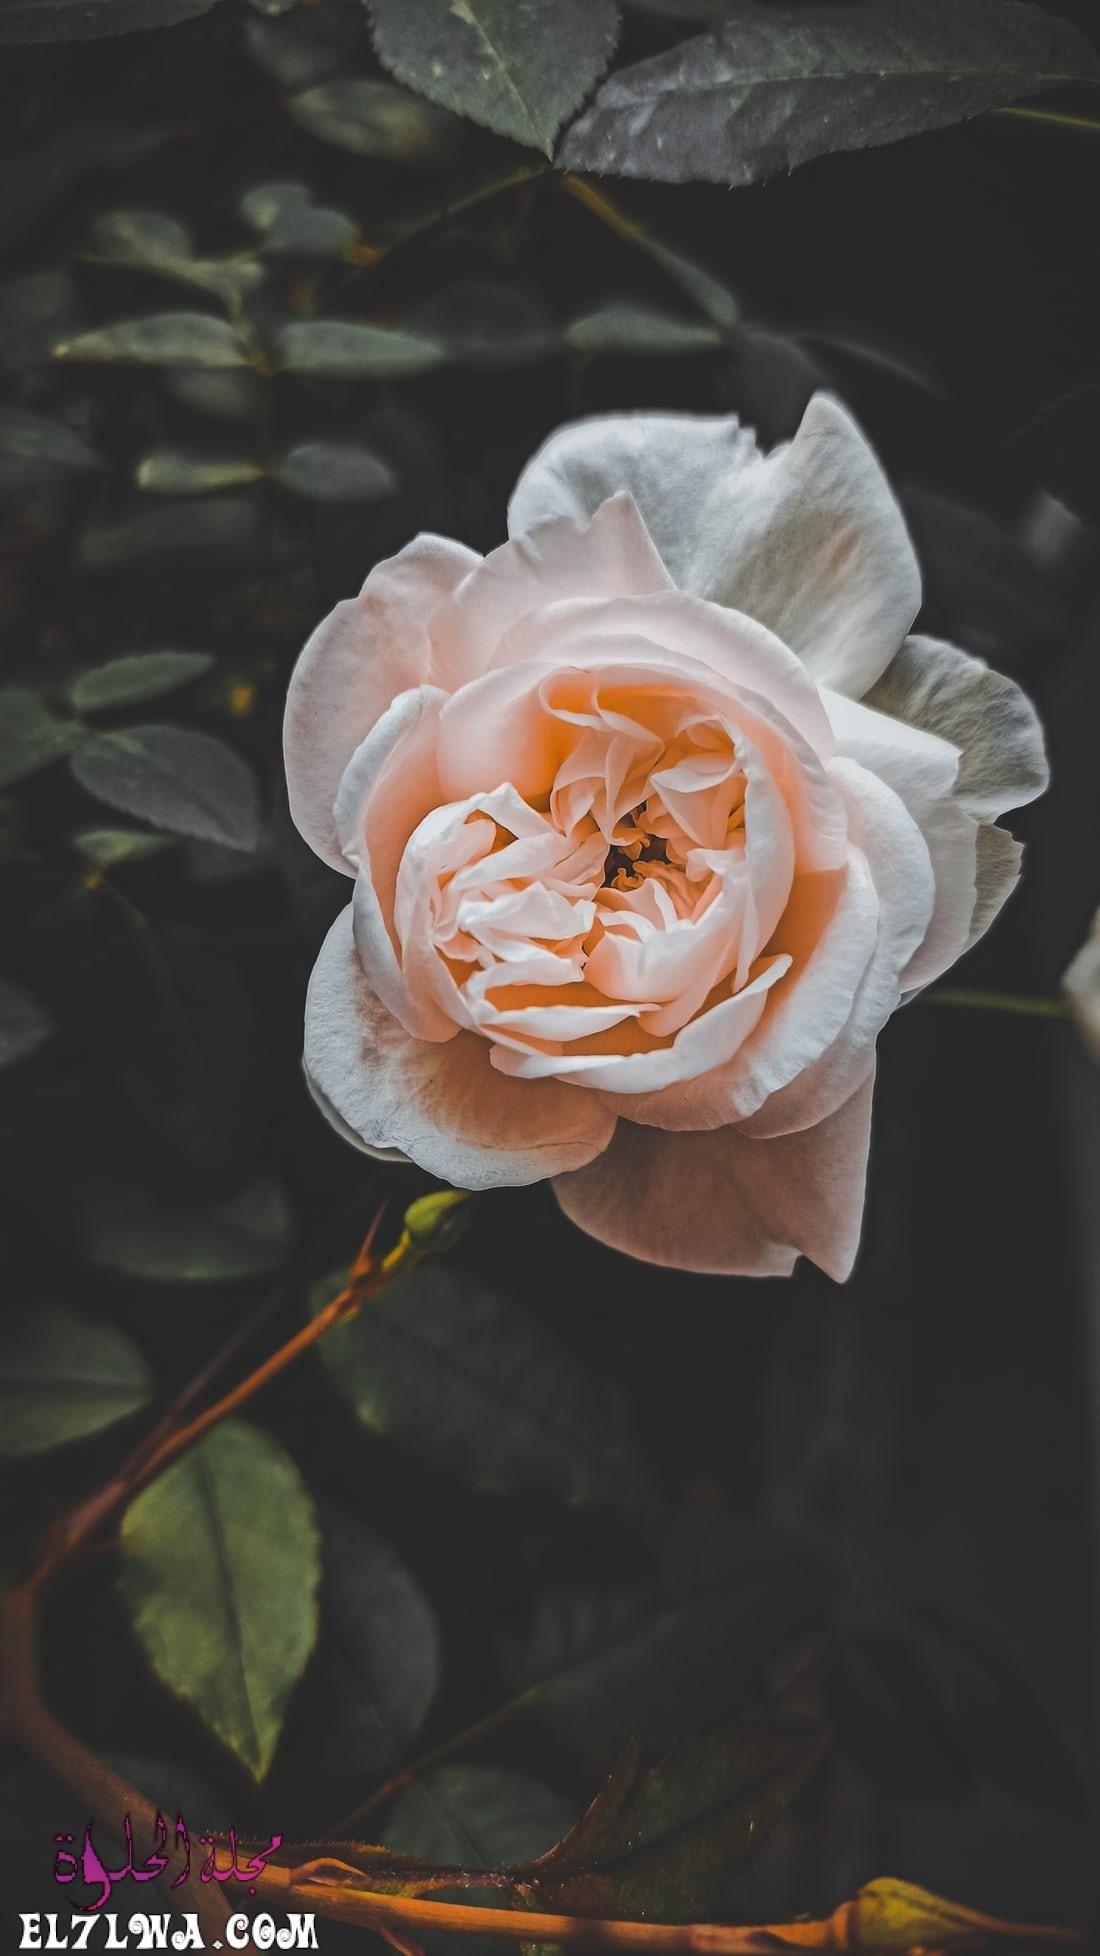 خلفيات ورد خلفيات ورود جميلة جدا خلفيات ورد طبيعي الورد من أكثر الأشياء التي ترسم البسمة وتبعث الر احة والت فاؤل بألوانها الز اهية وبرائحت In 2021 Rose Flowers Photo